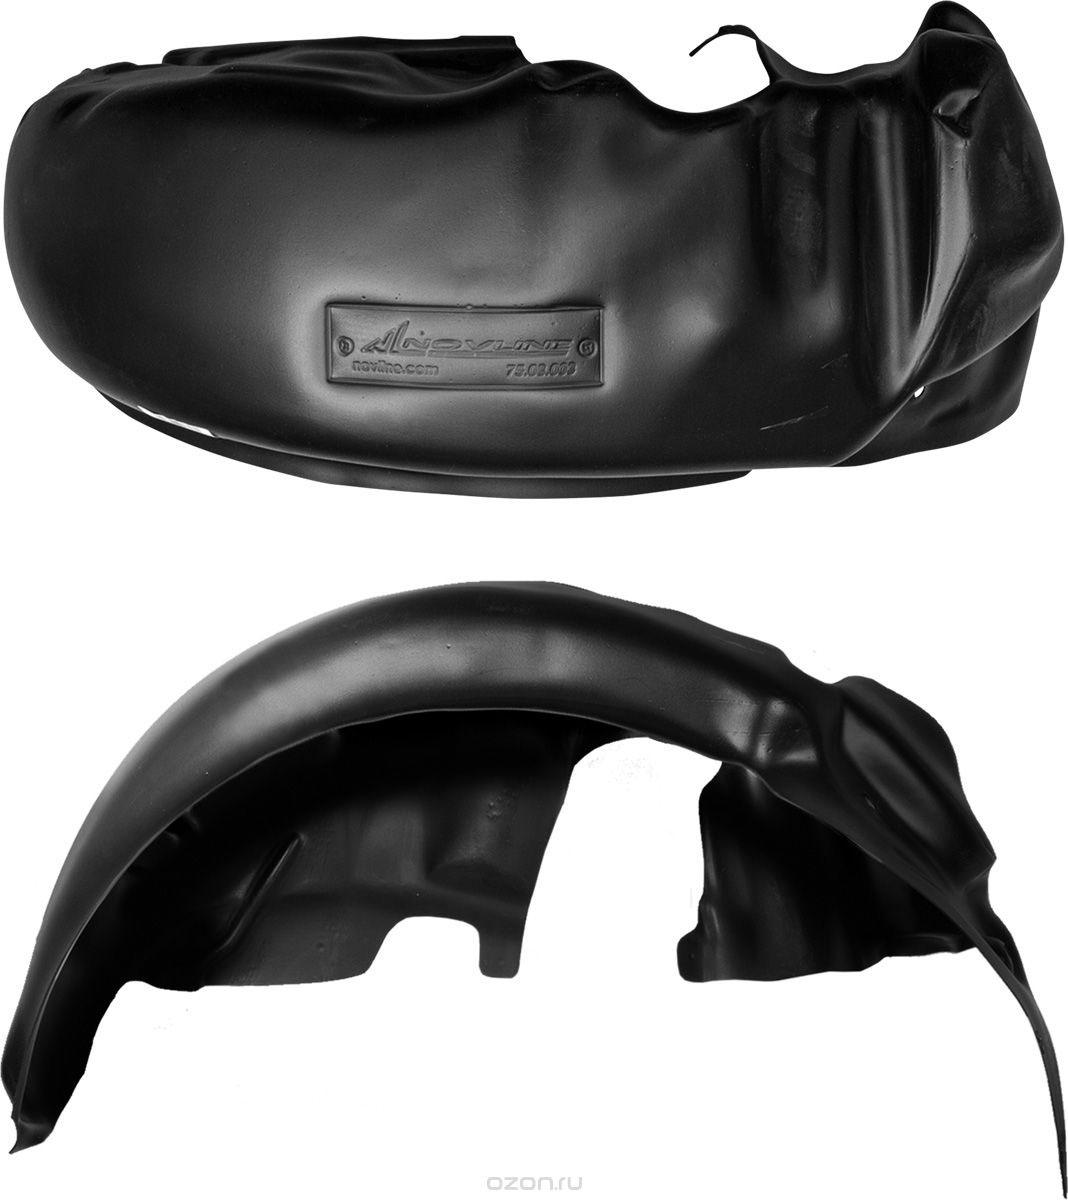 Подкрылок Novline-Autofamily, для ВАЗ 2105, 07, 1982-2010, б/б, передний левый000201Идеальная защита колесной ниши. Локеры разработаны с применением цифровых технологий, гарантируют максимальную повторяемость поверхности арки. Изделия устанавливаются без нарушения лакокрасочного покрытия автомобиля, каждый подкрылок комплектуется крепежом. Уважаемые клиенты, обращаем ваше внимание, что фотографии на подкрылки универсальные и не отражают реальную форму изделия. При этом само изделие идет точно под размер указанного автомобиля.